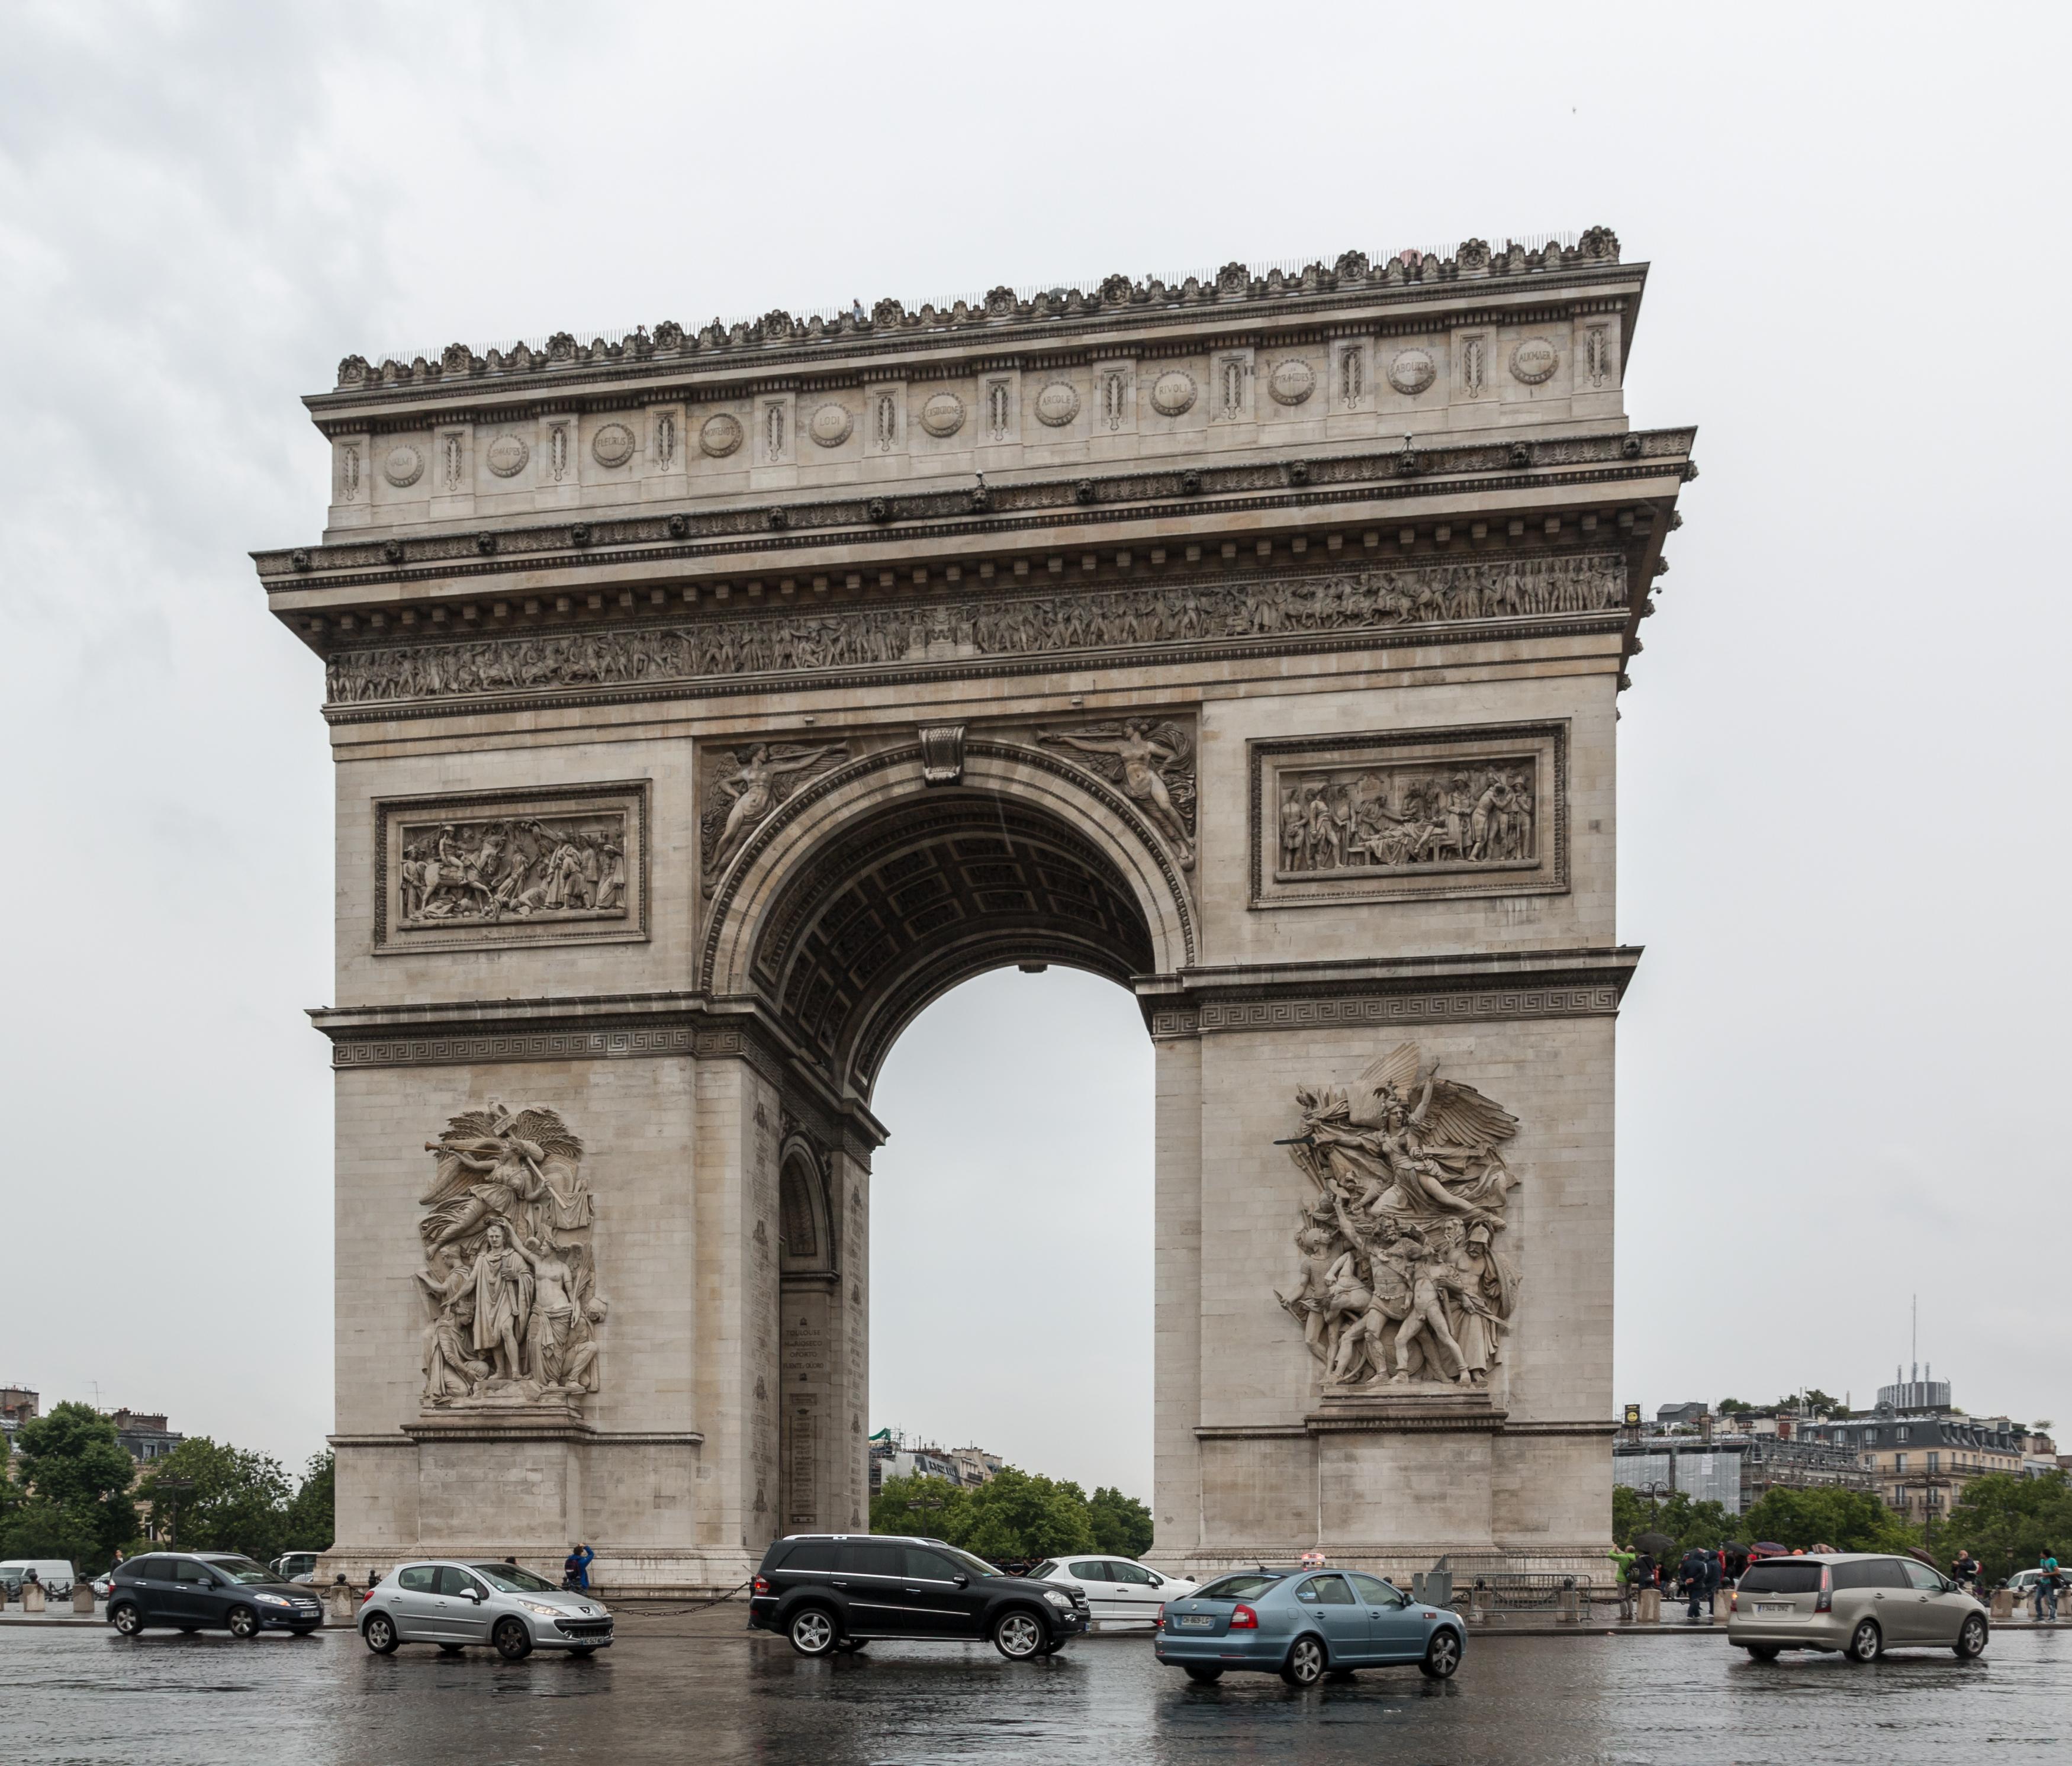 Arc de Triomphe de l'Étoile, Paris, France. Photo taken on July 9, 2014.